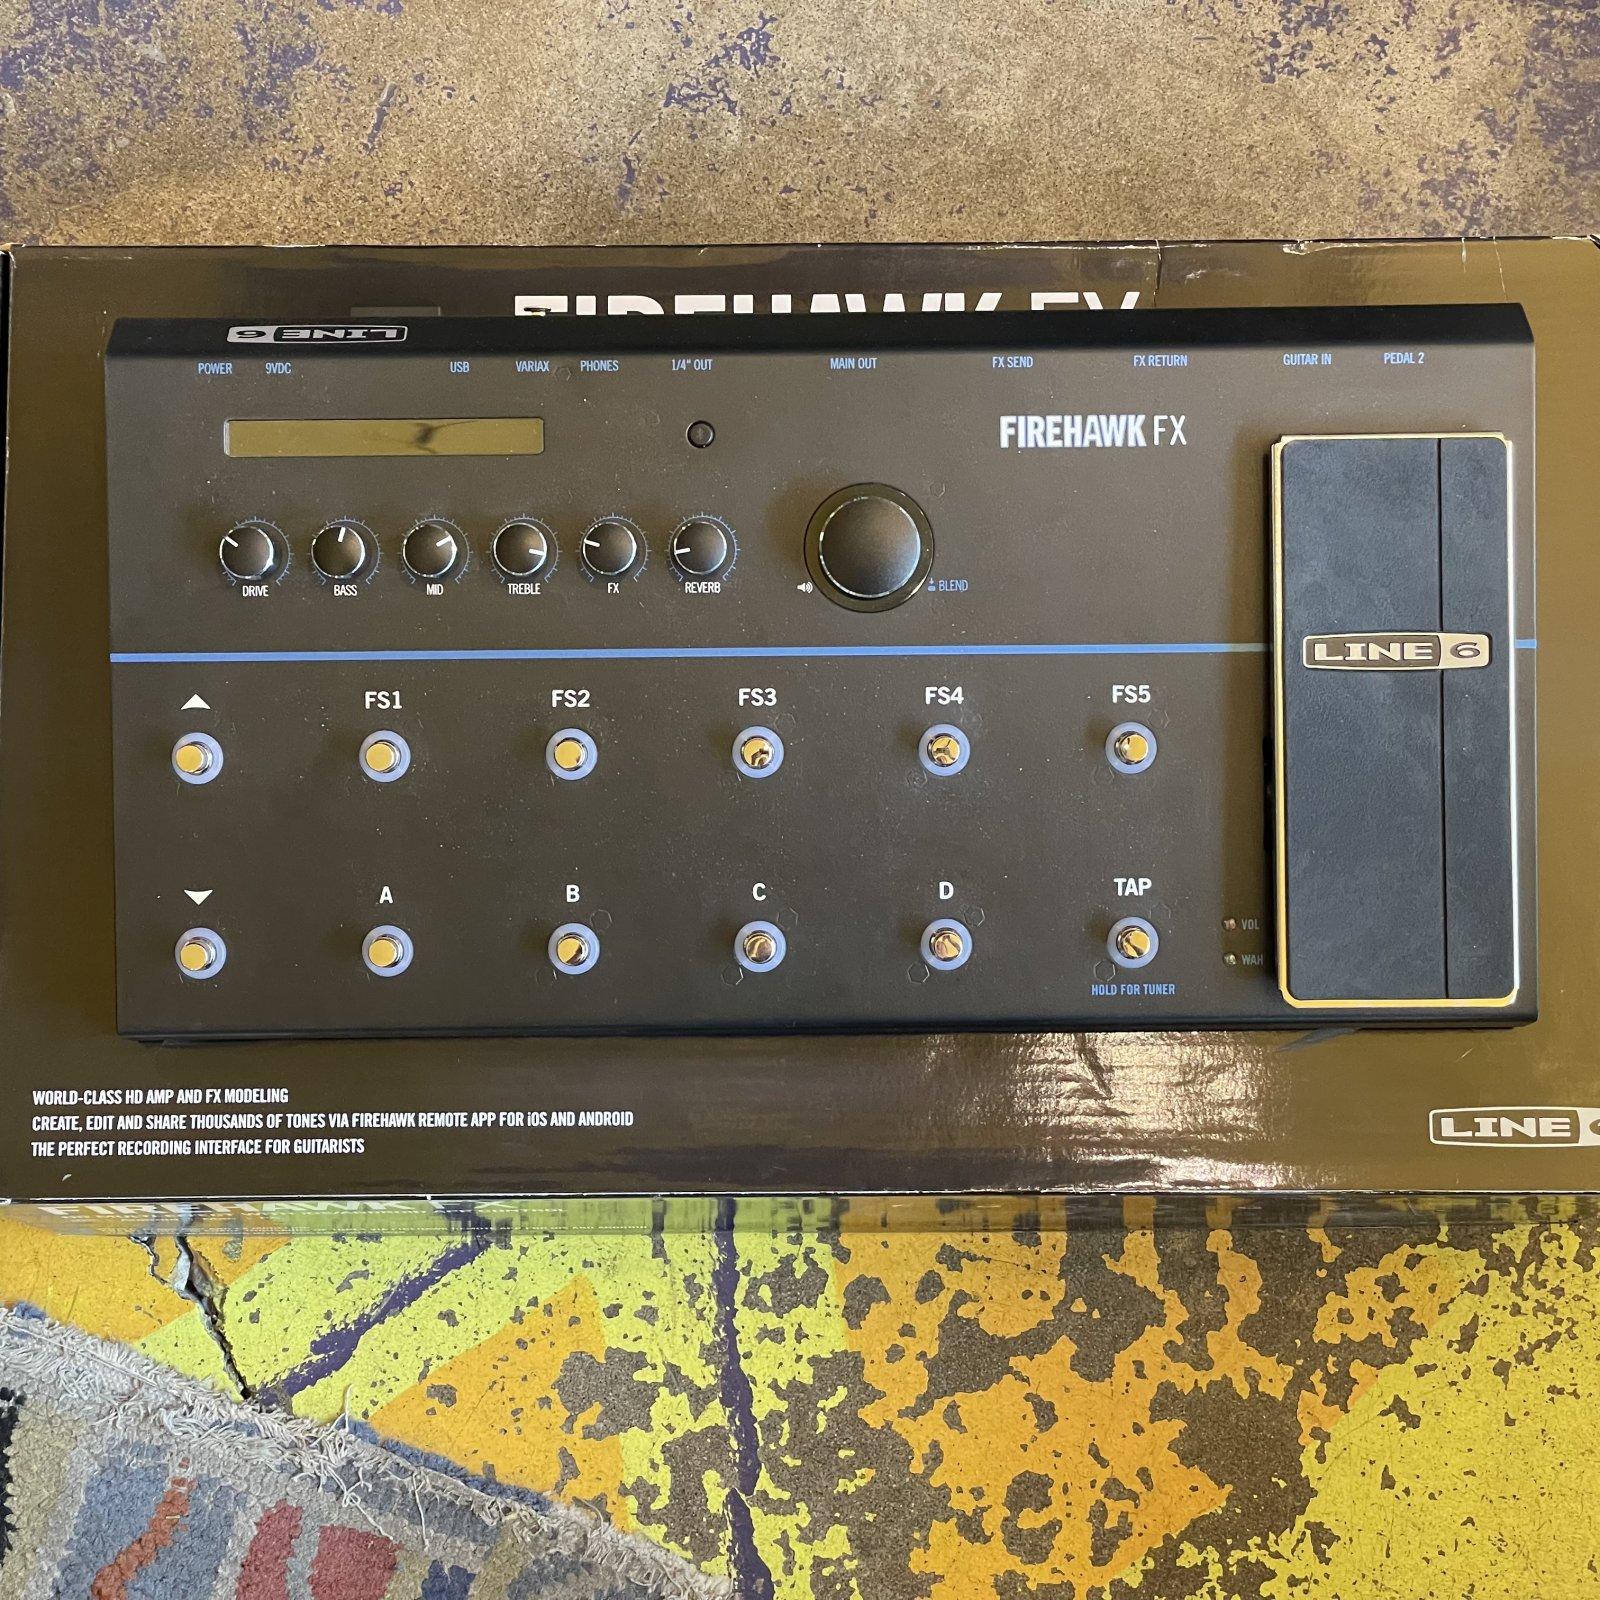 Line 6 Firehawk FX Multi-Effect and Amp Modeler